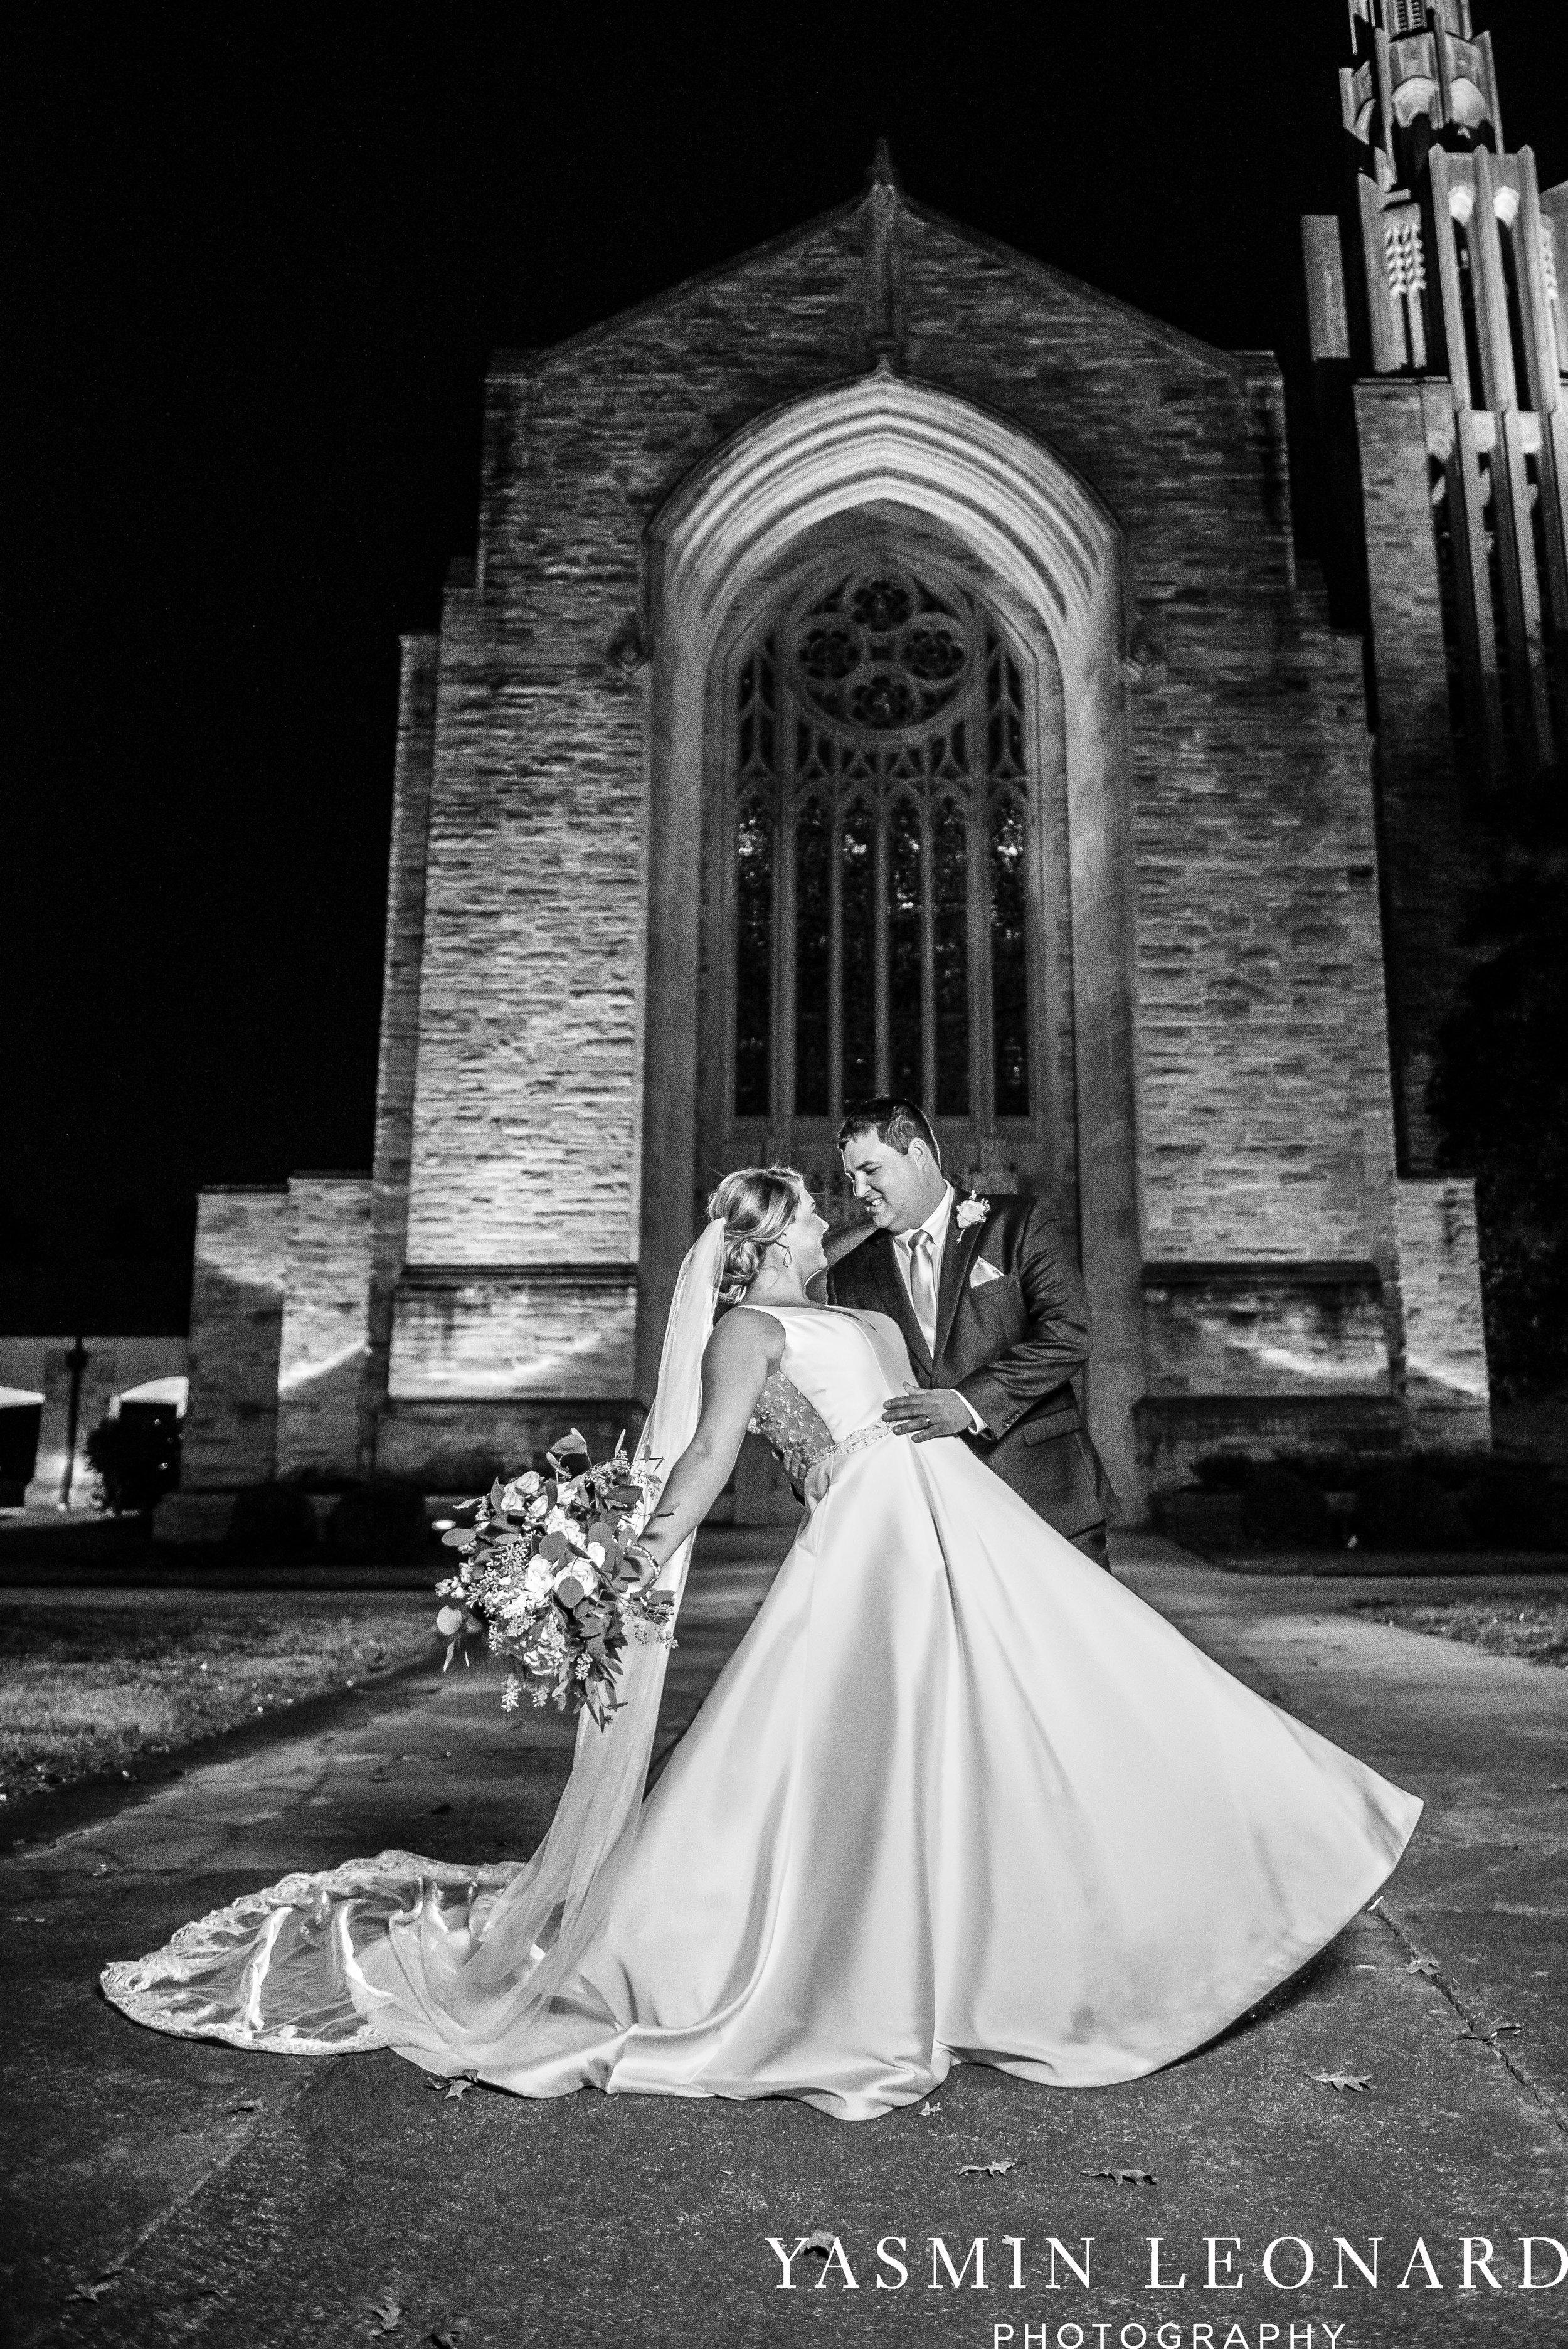 Adaumont Farm - Wesley Memorial Weddings - High Point Weddings - Just Priceless - NC Wedding Photographer - Yasmin Leonard Photography - High Point Wedding Vendors-51.jpg